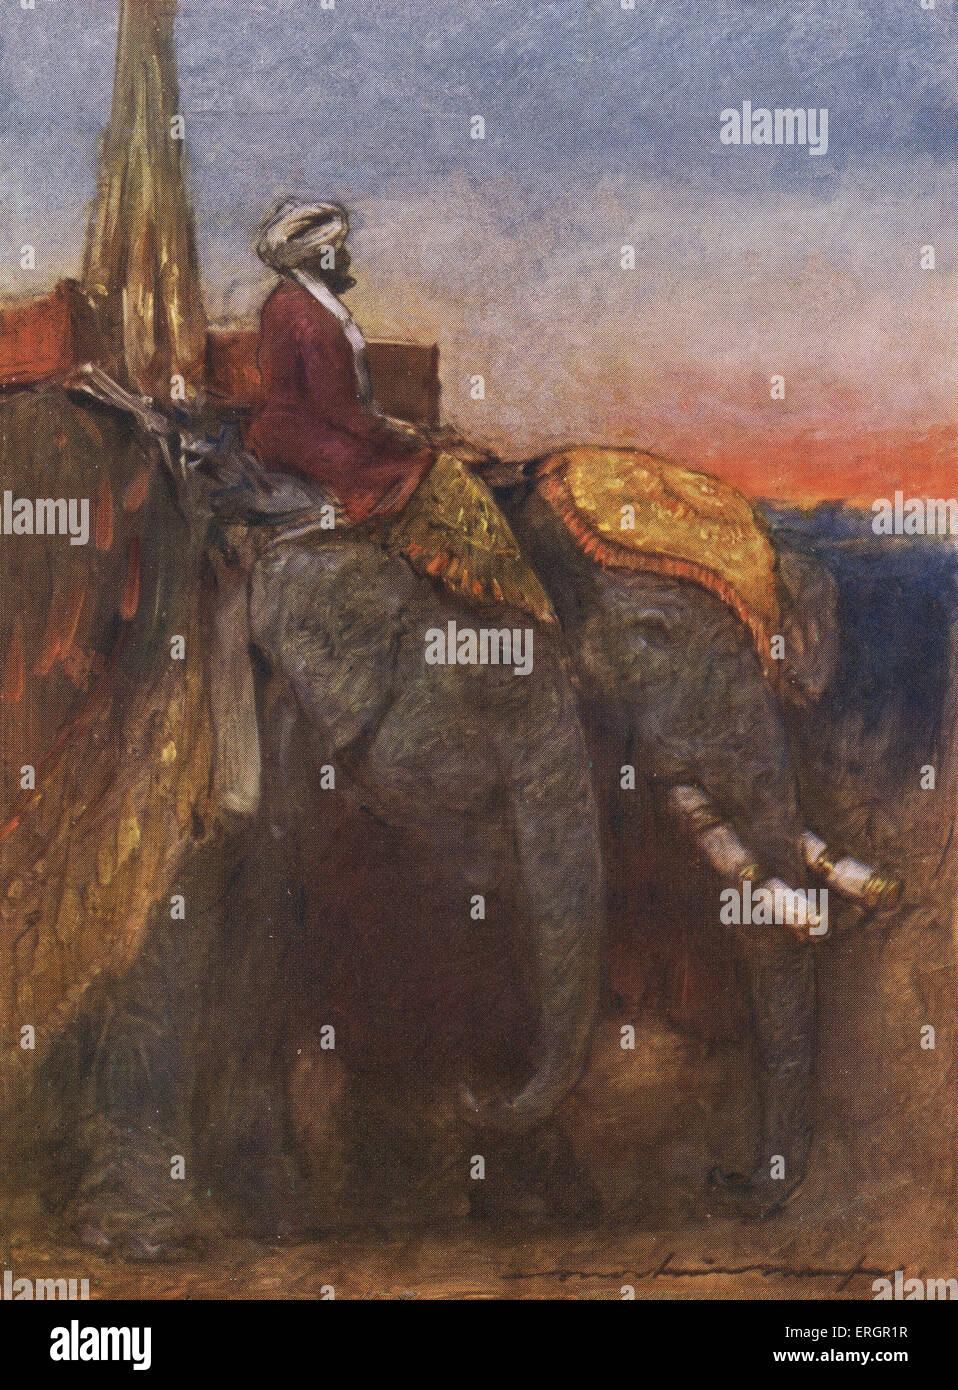 Jaipur elefanti - uomo che cavalca un elefante adornata con una capocchia decorativa.(pittore australiano Mortimer Immagini Stock